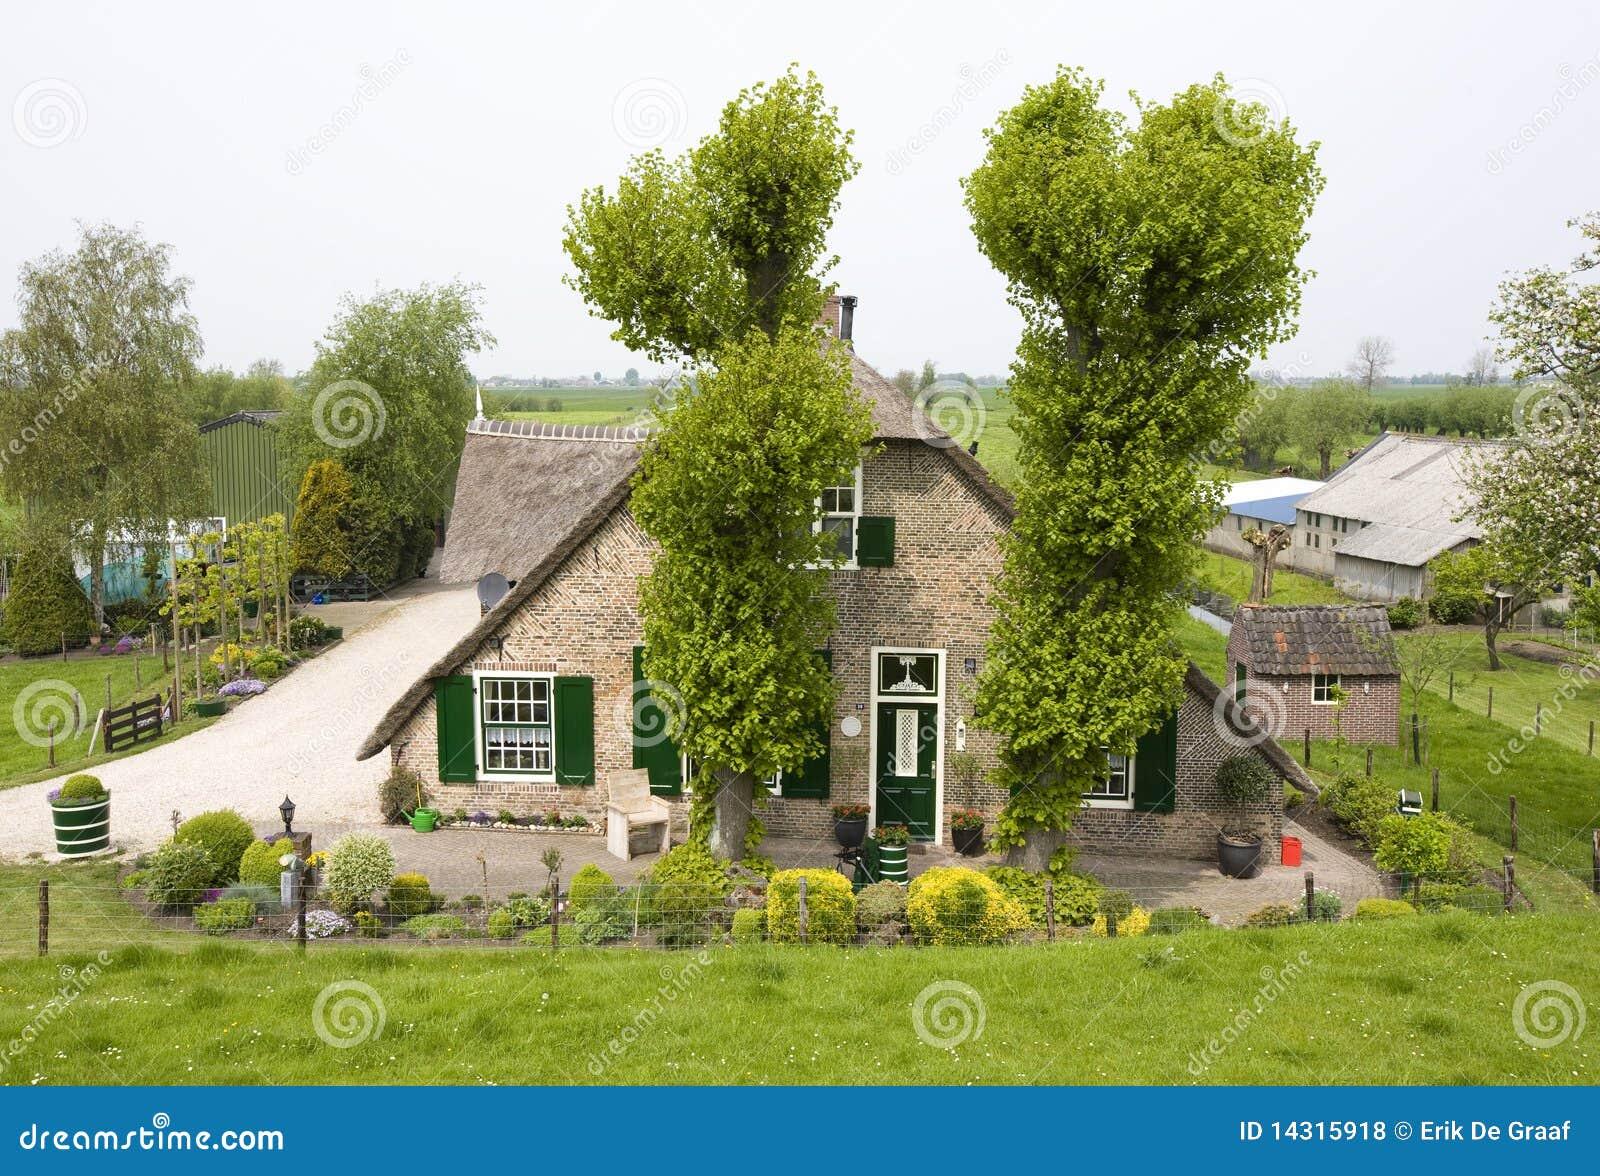 Dutch farm house royalty free stock photos image 14315918 for Farm house netherlands